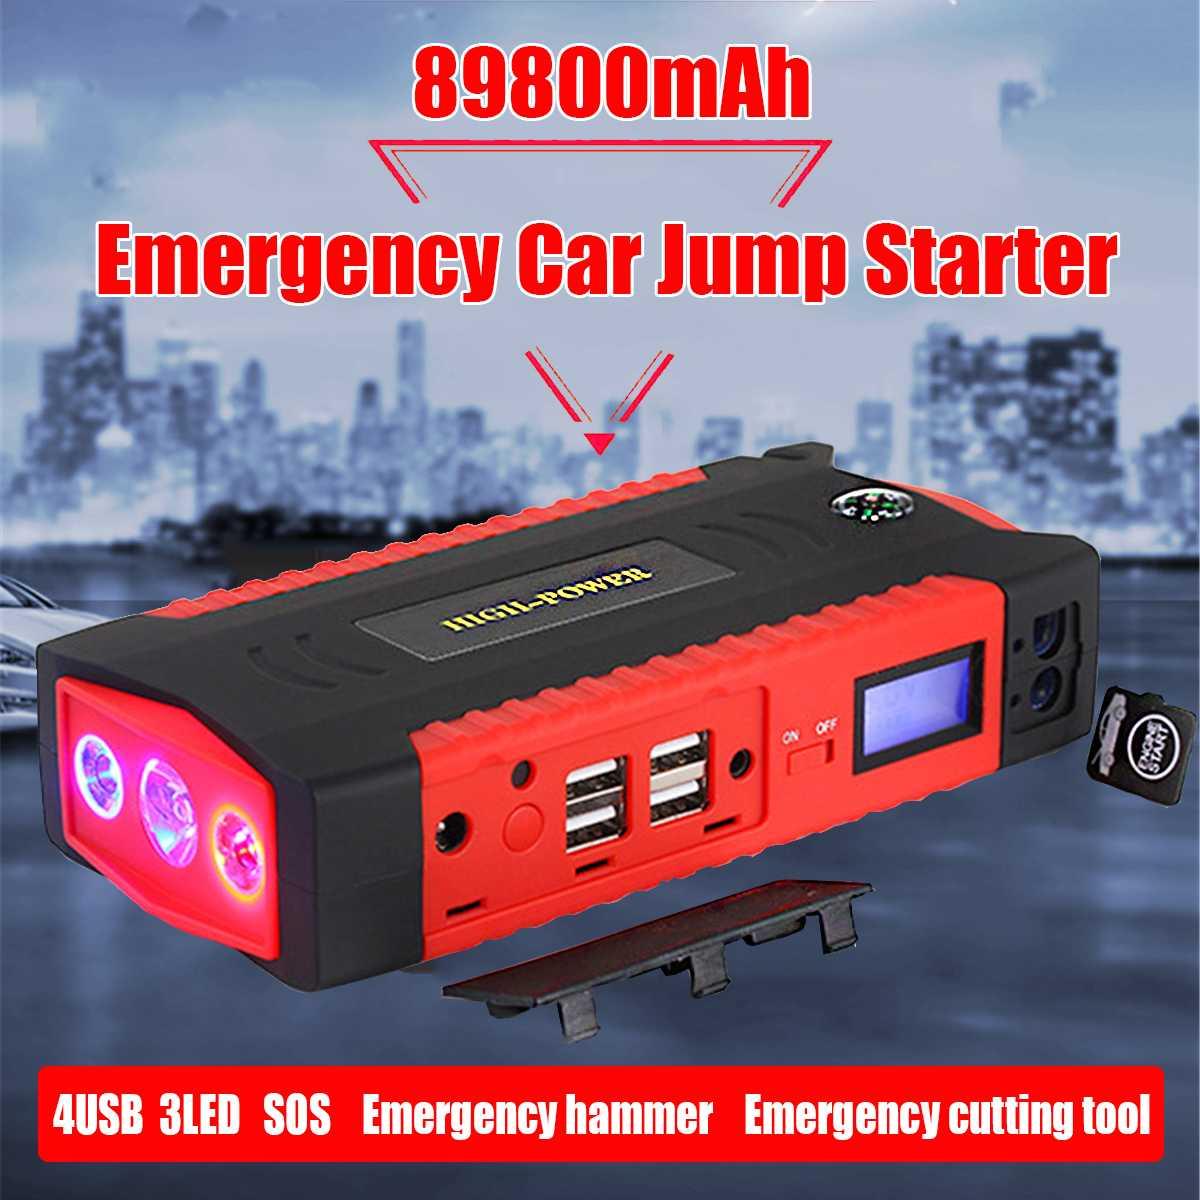 89800 mAh voiture saut démarreur Portable batterie externe 4 USB batterie Booster chargeur 12 V dispositif de démarrage essence Diesels voiture démarreur SOS